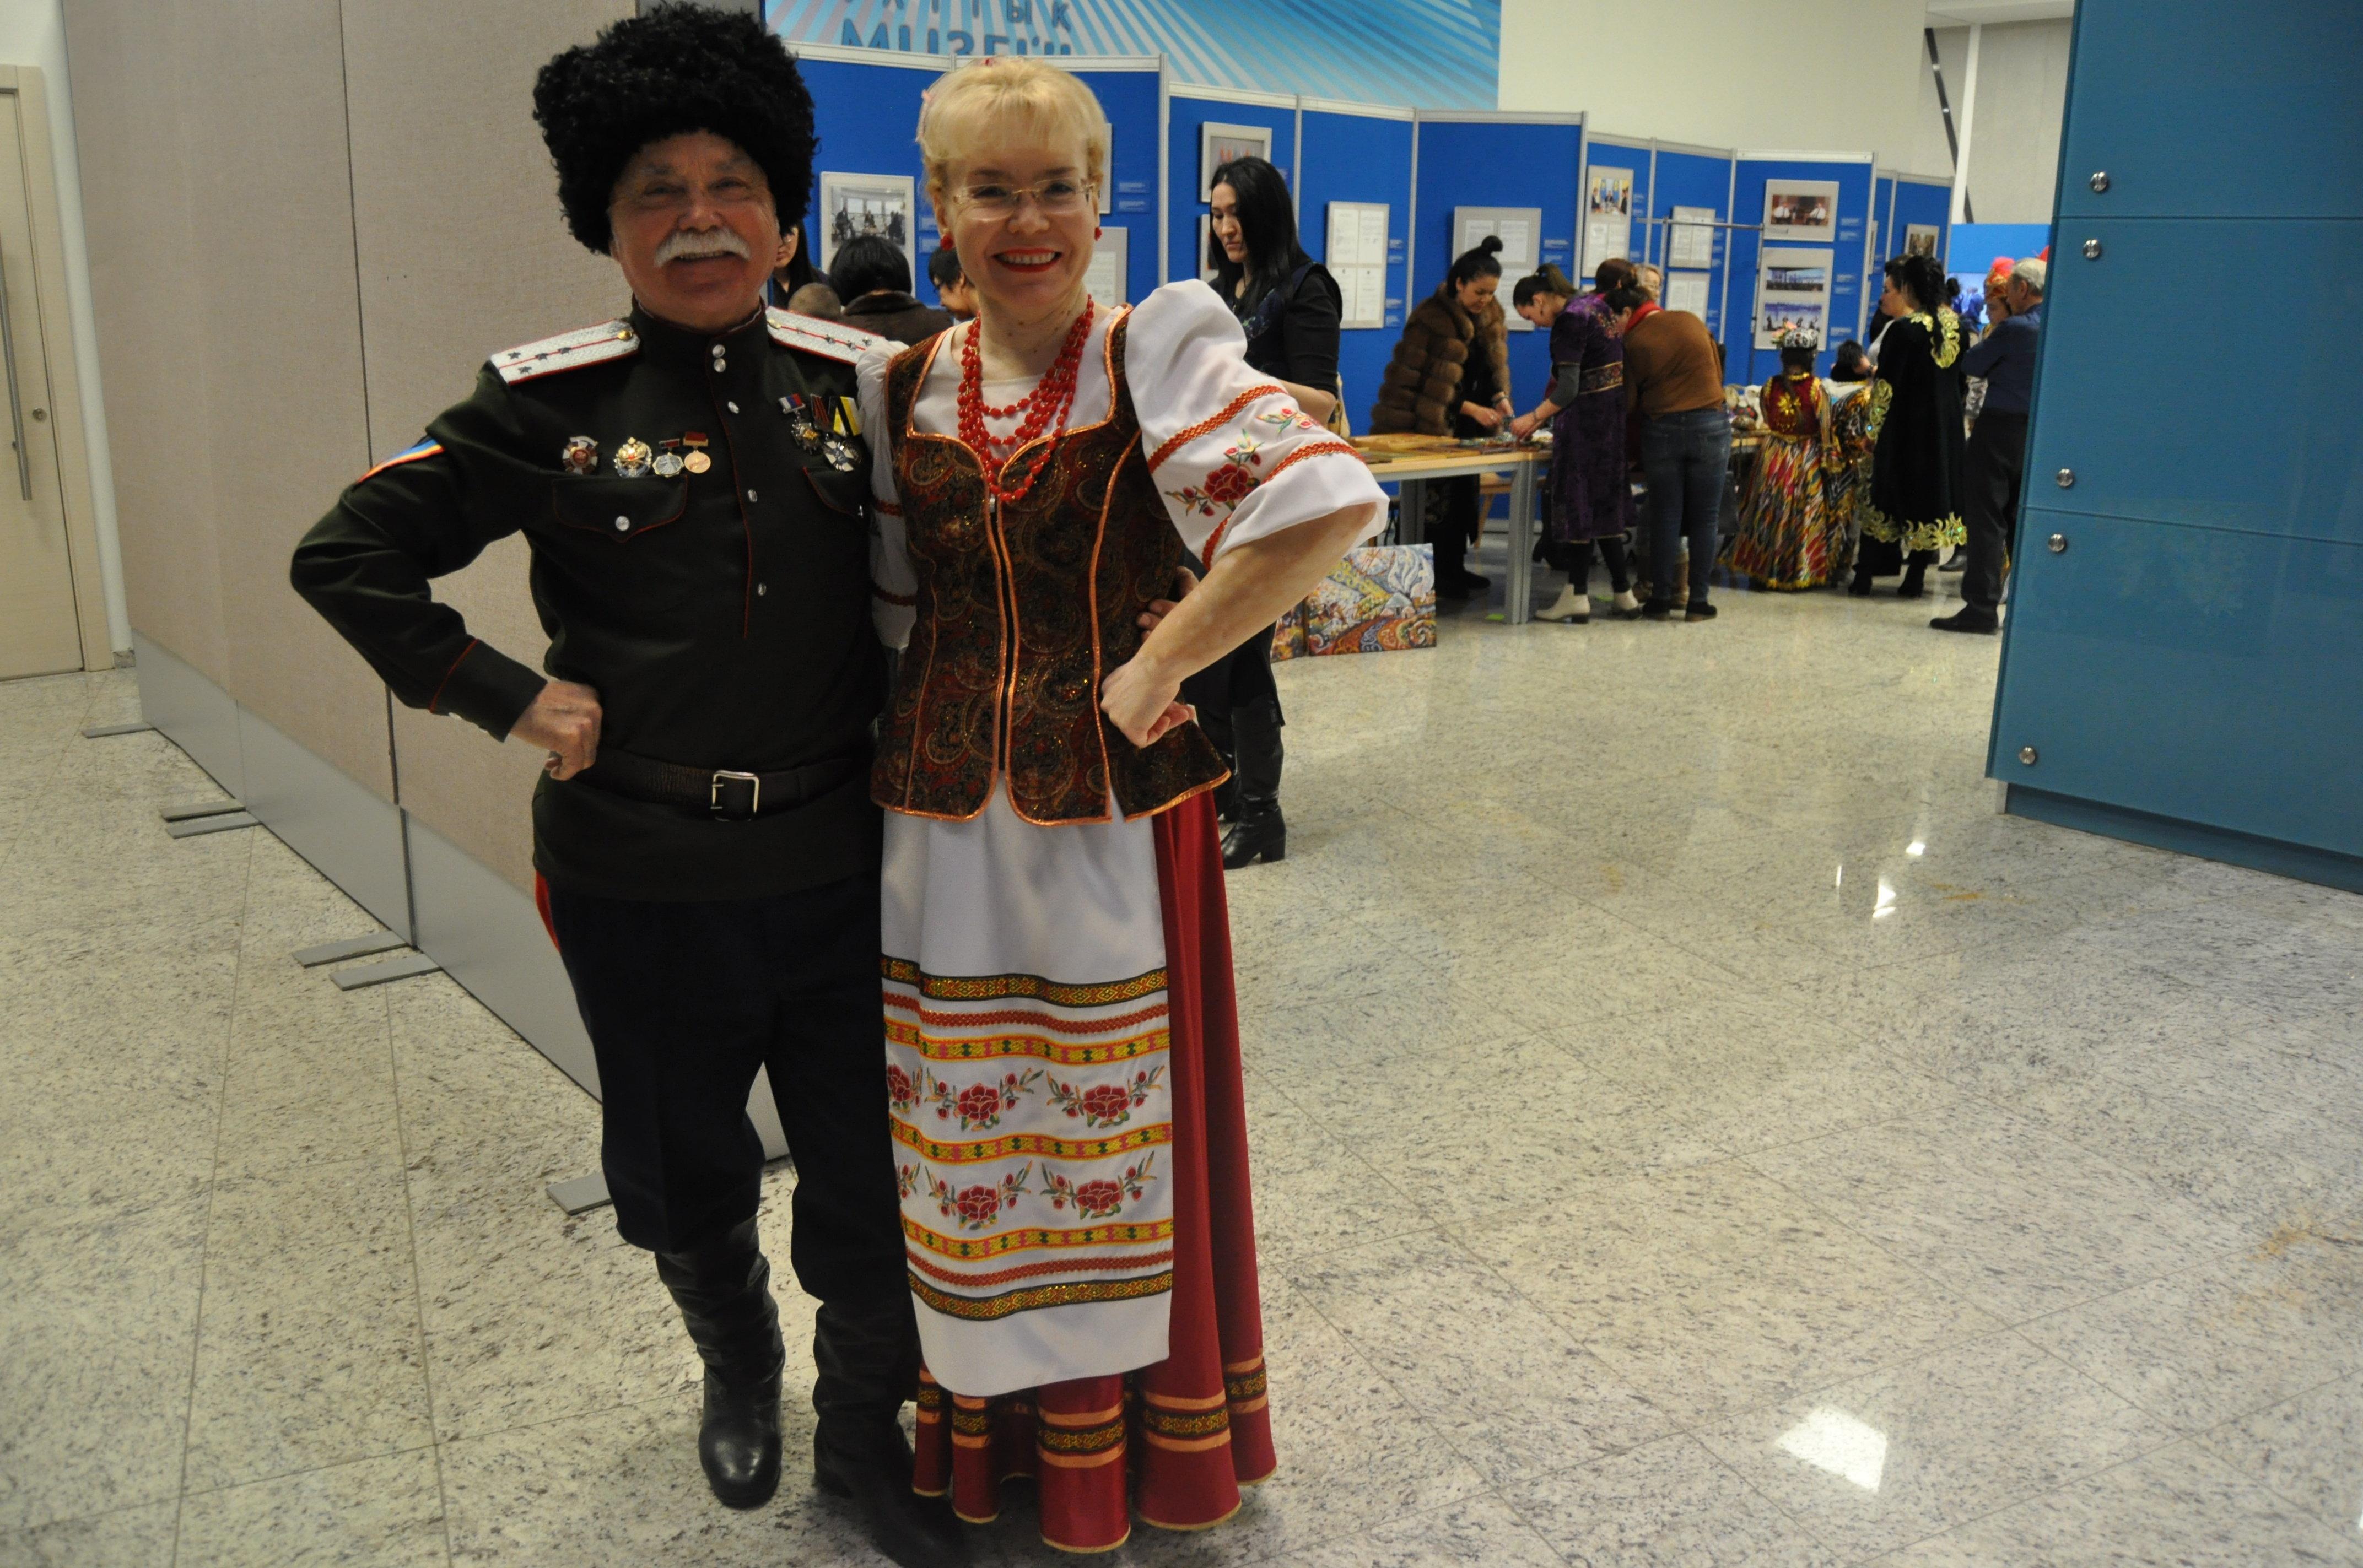 Казачий ансамбль Раздолье на акции Ночь в музее